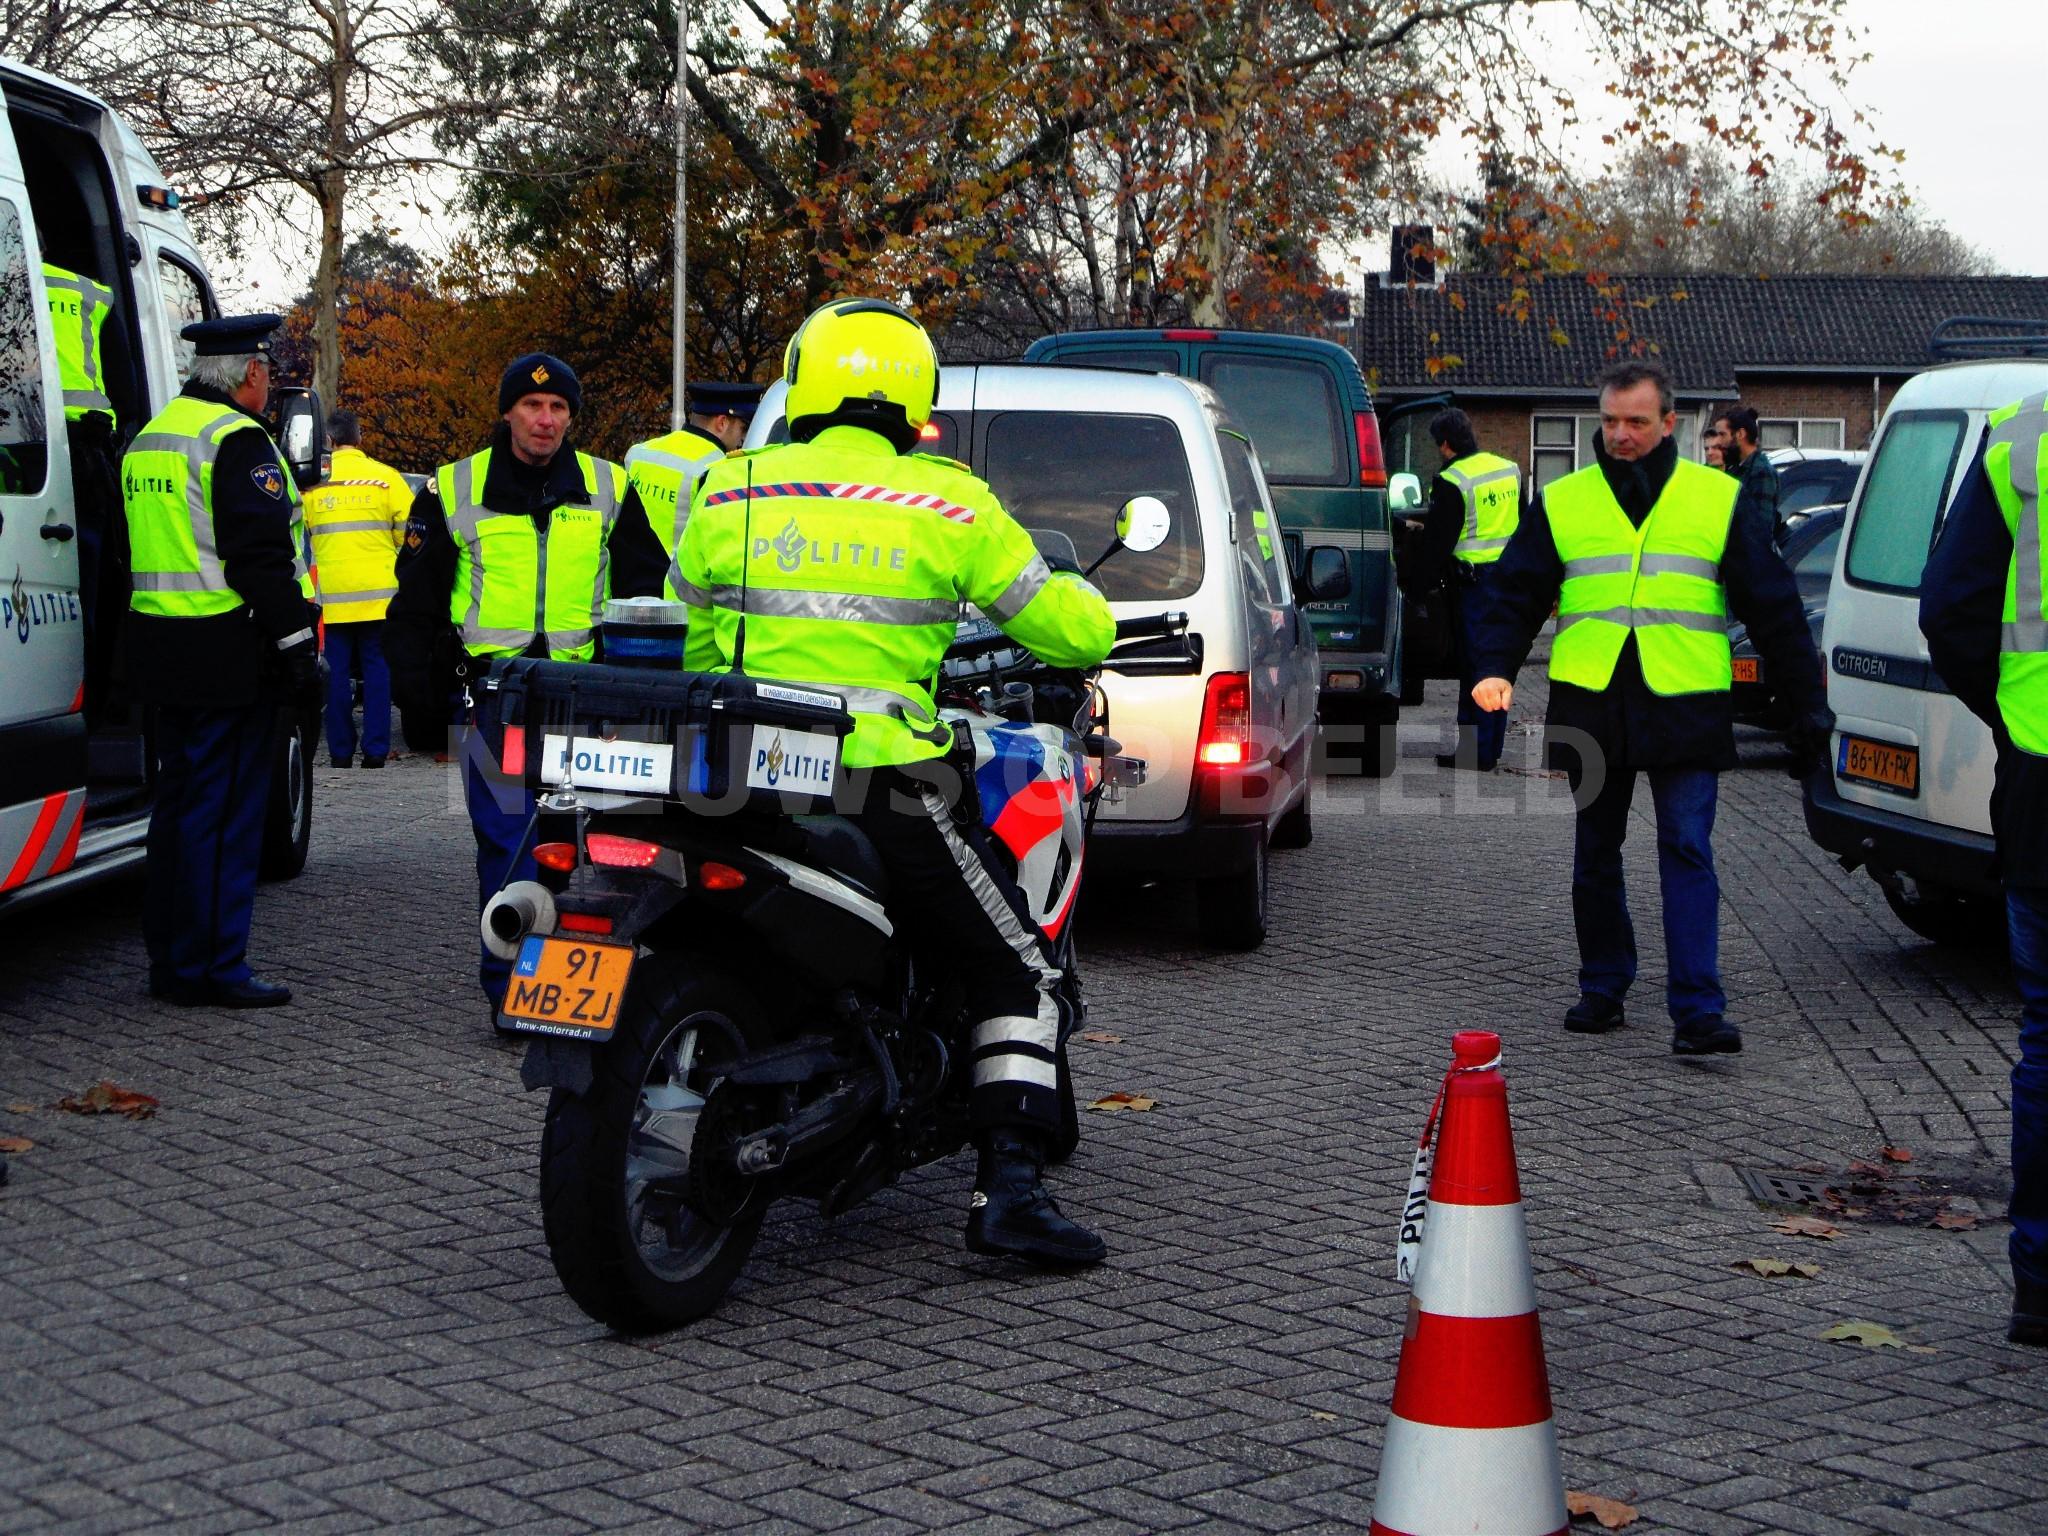 17 bekeuringen bij verkeerscontrole op bestelauto's in Leeuwarden